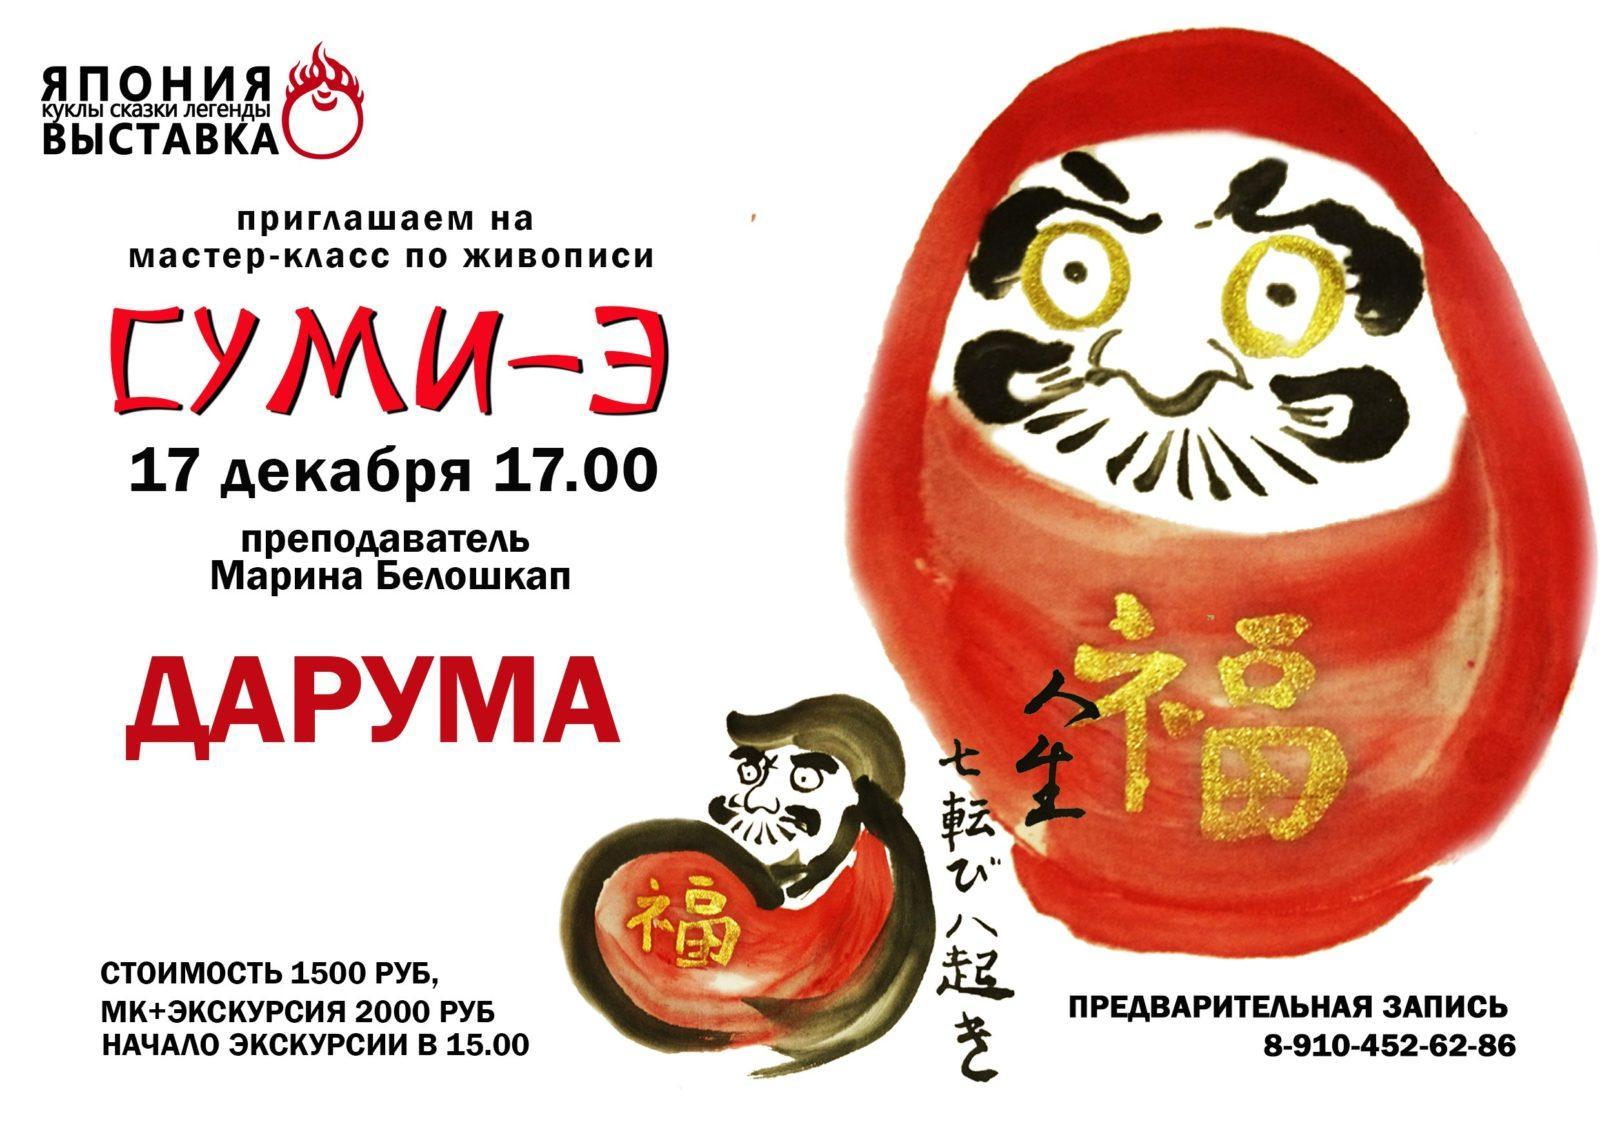 Выставка «Япония. Куклы, сказки и легенды» в Измайловском Кремле